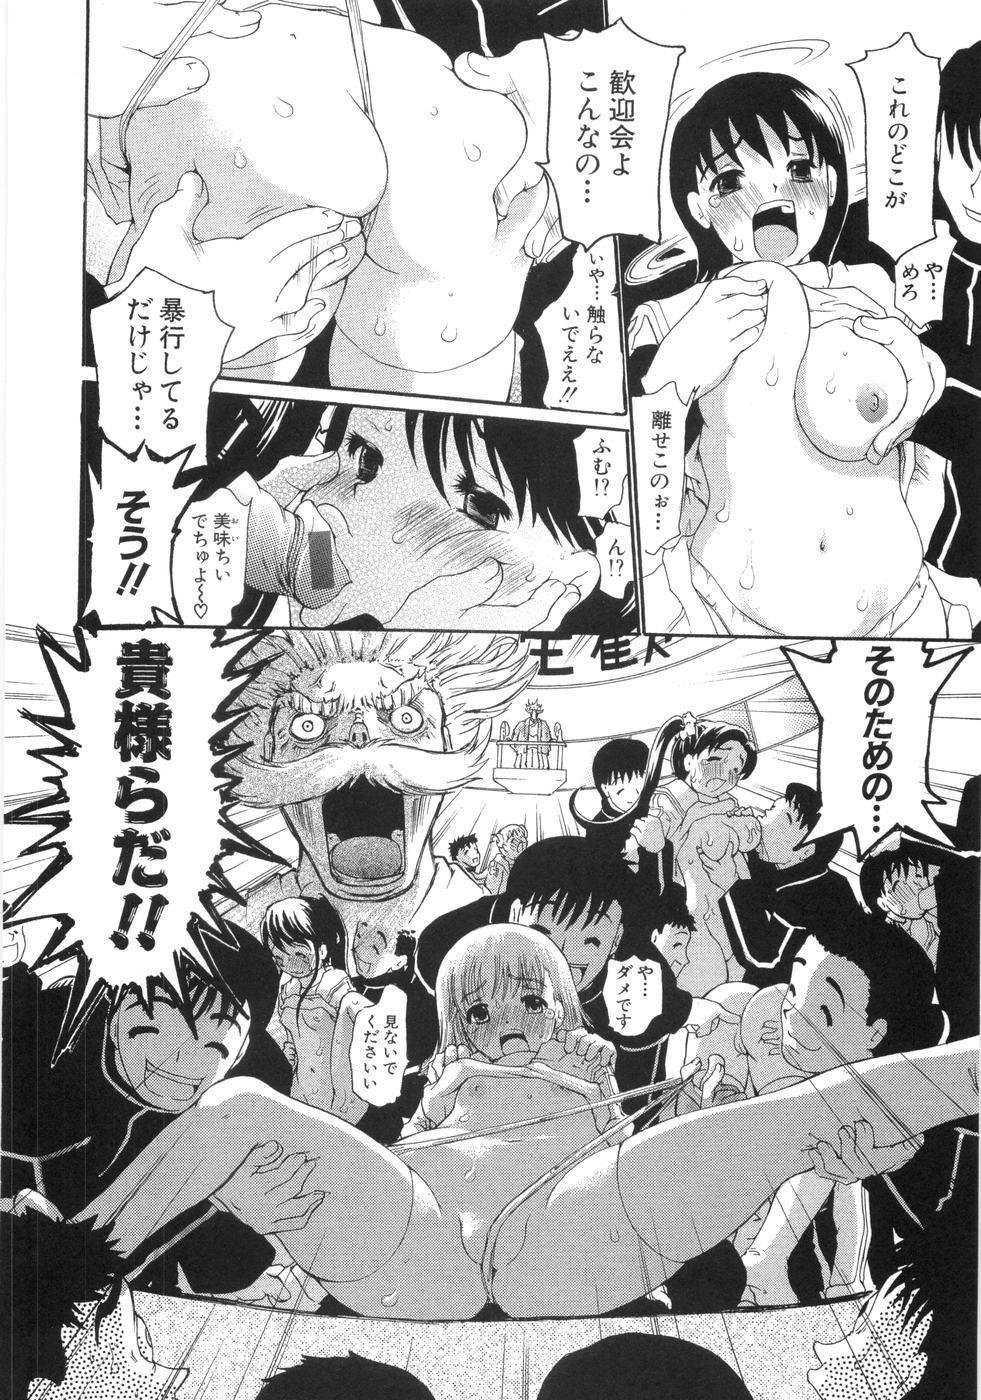 0 PULL TOWN Gakuen e Youkoso! 22